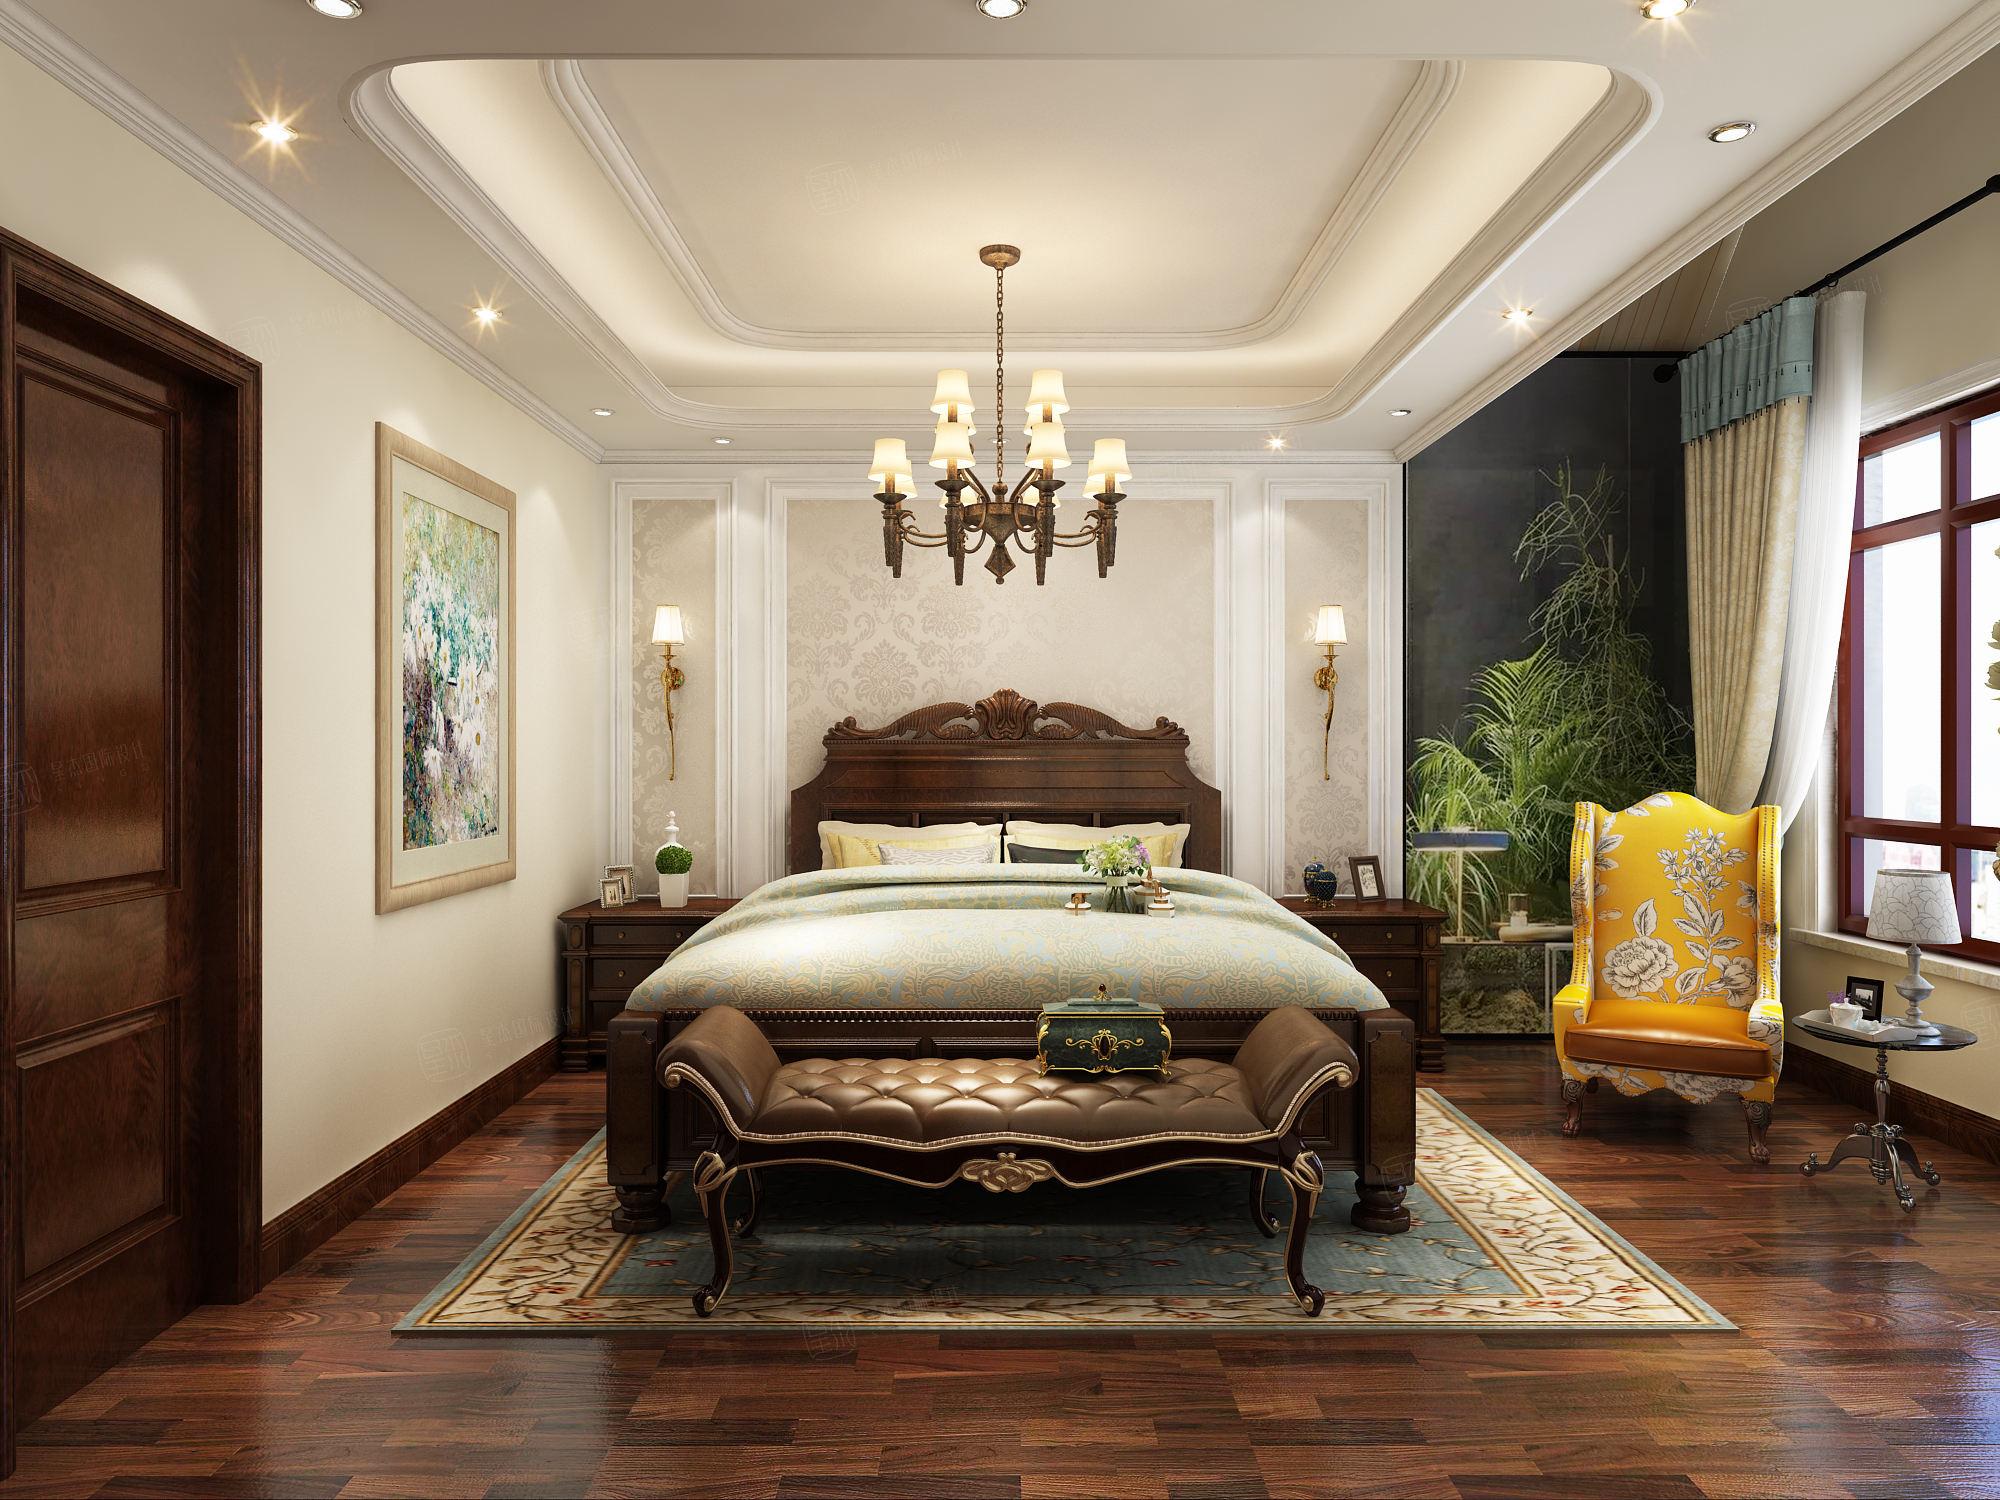 简美风格-依水和墅装修卧室效果图